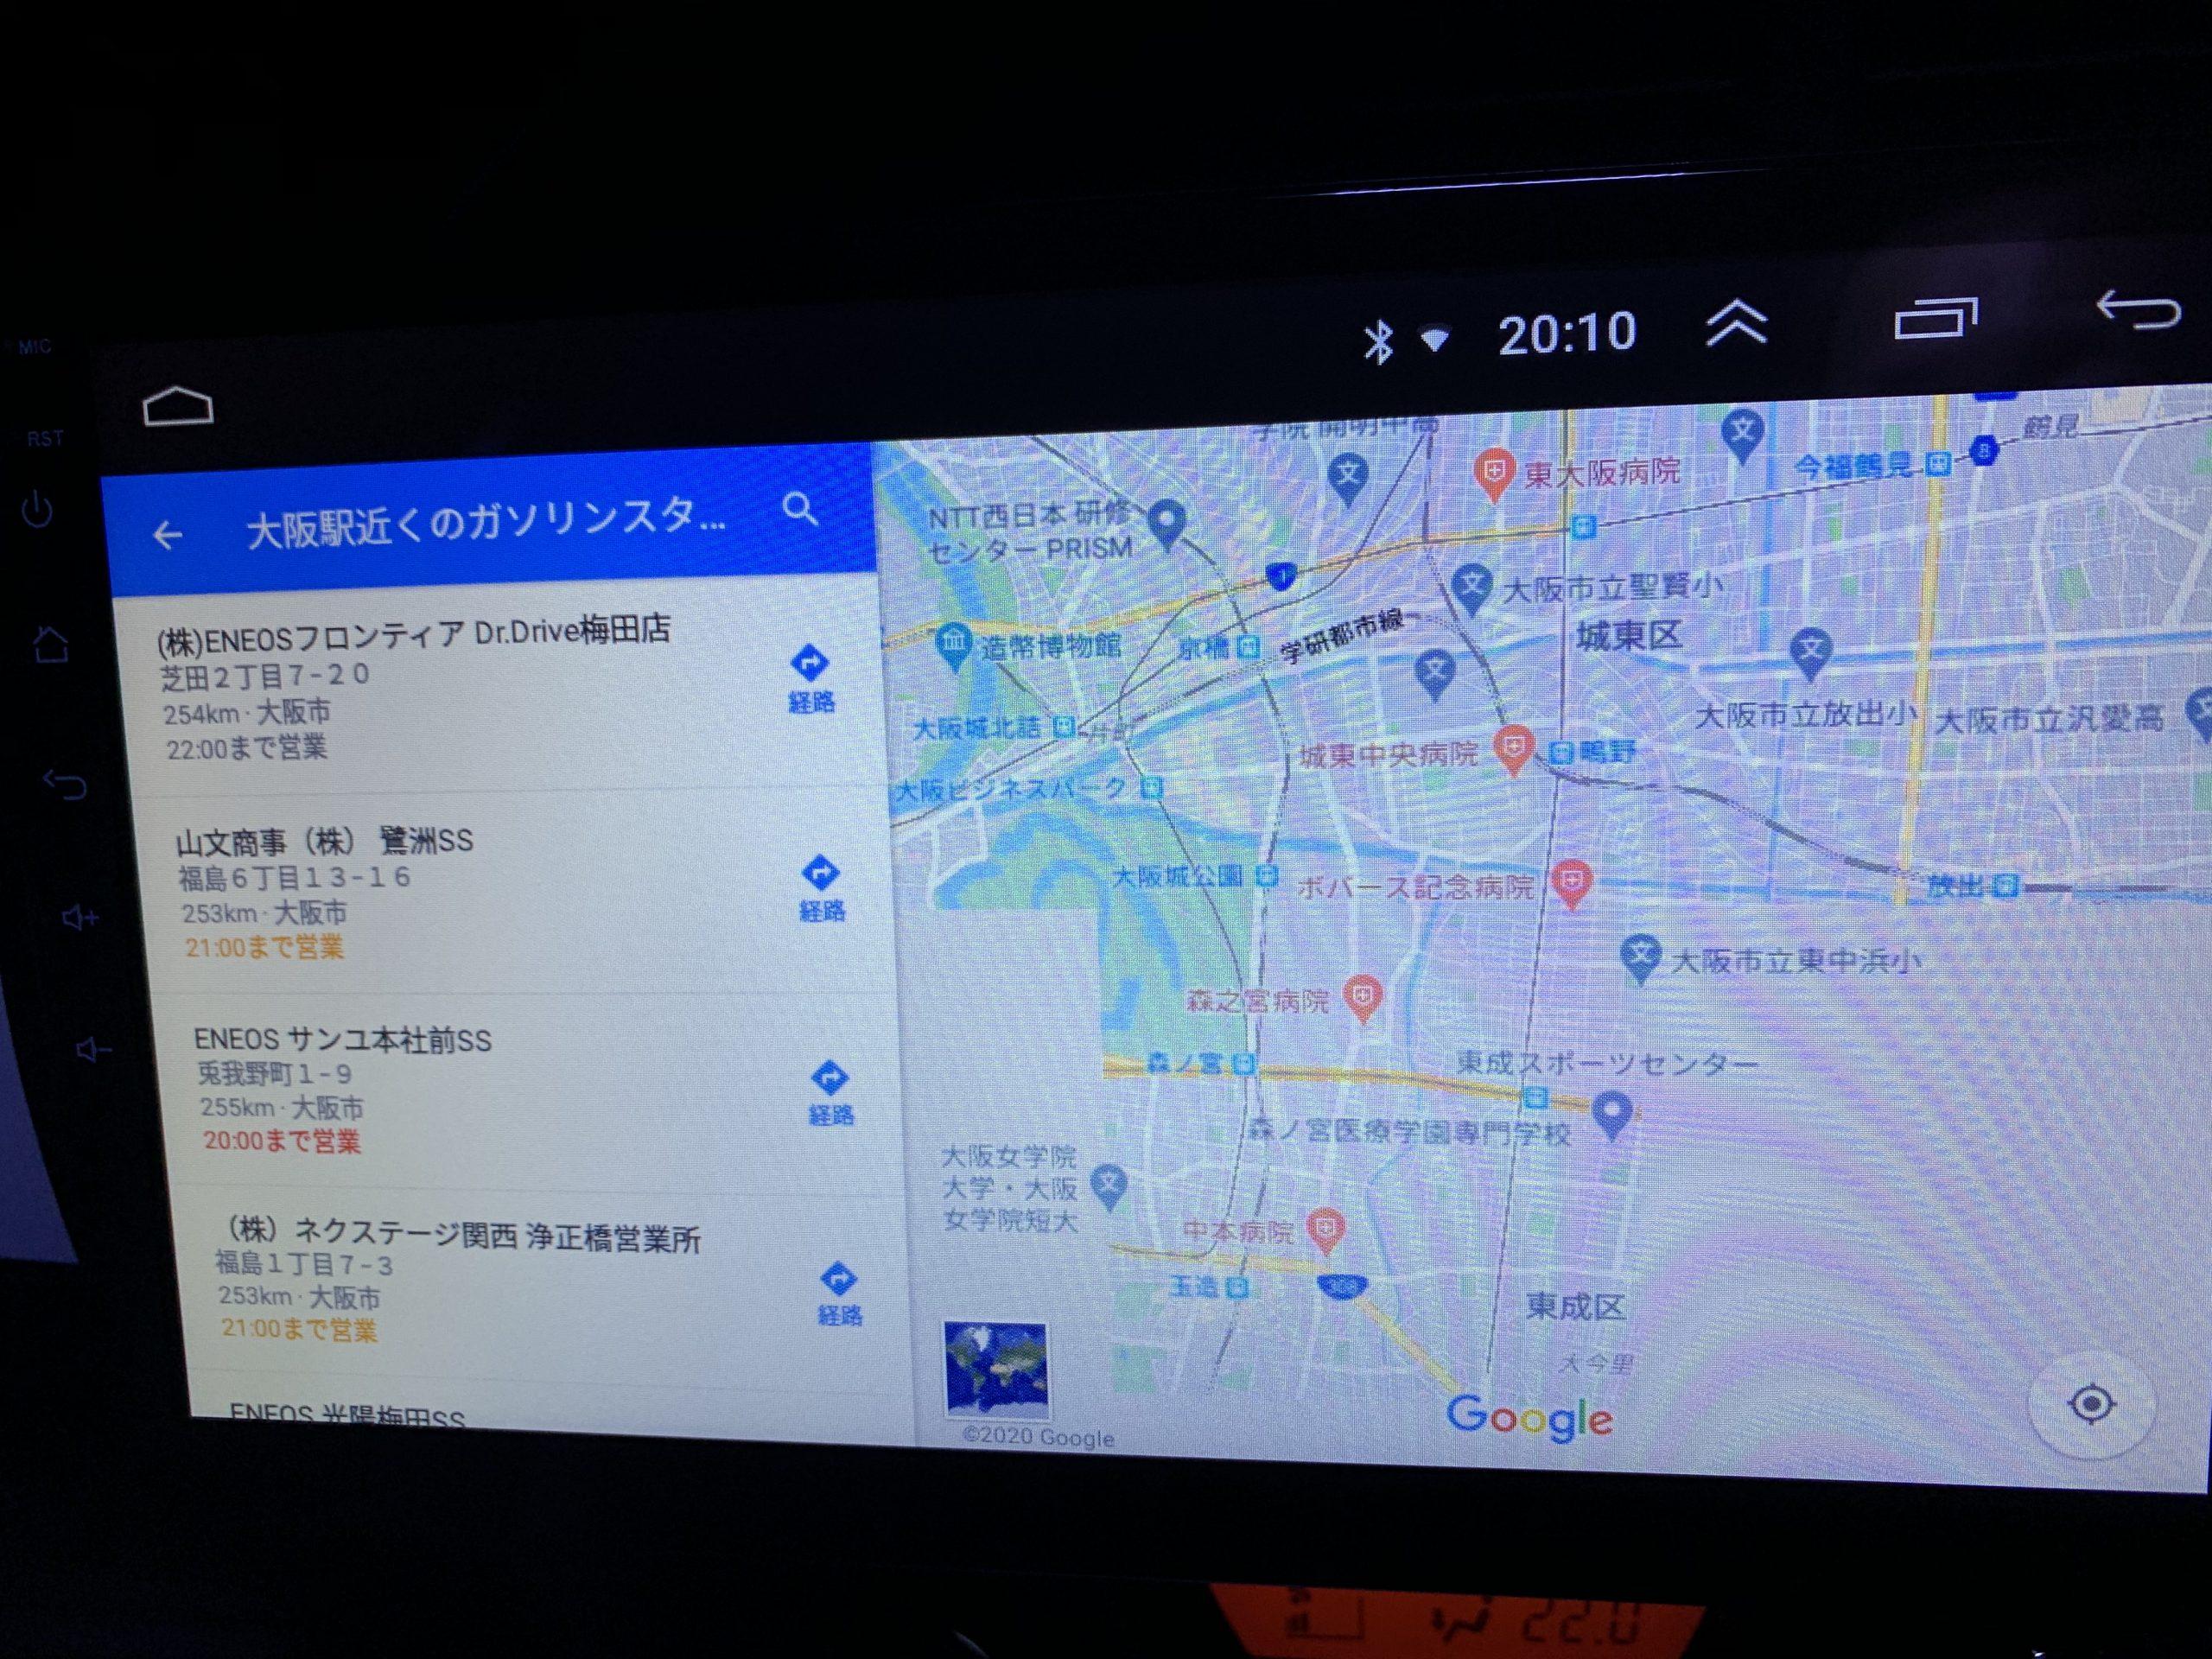 大阪駅近くガソリンスタンド